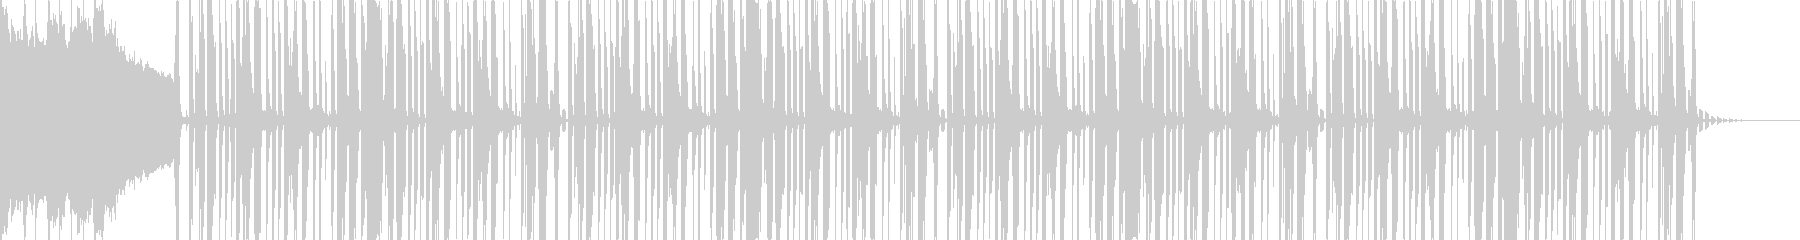 「鍵」がテーマのミステリアスなファンクの未再生の波形